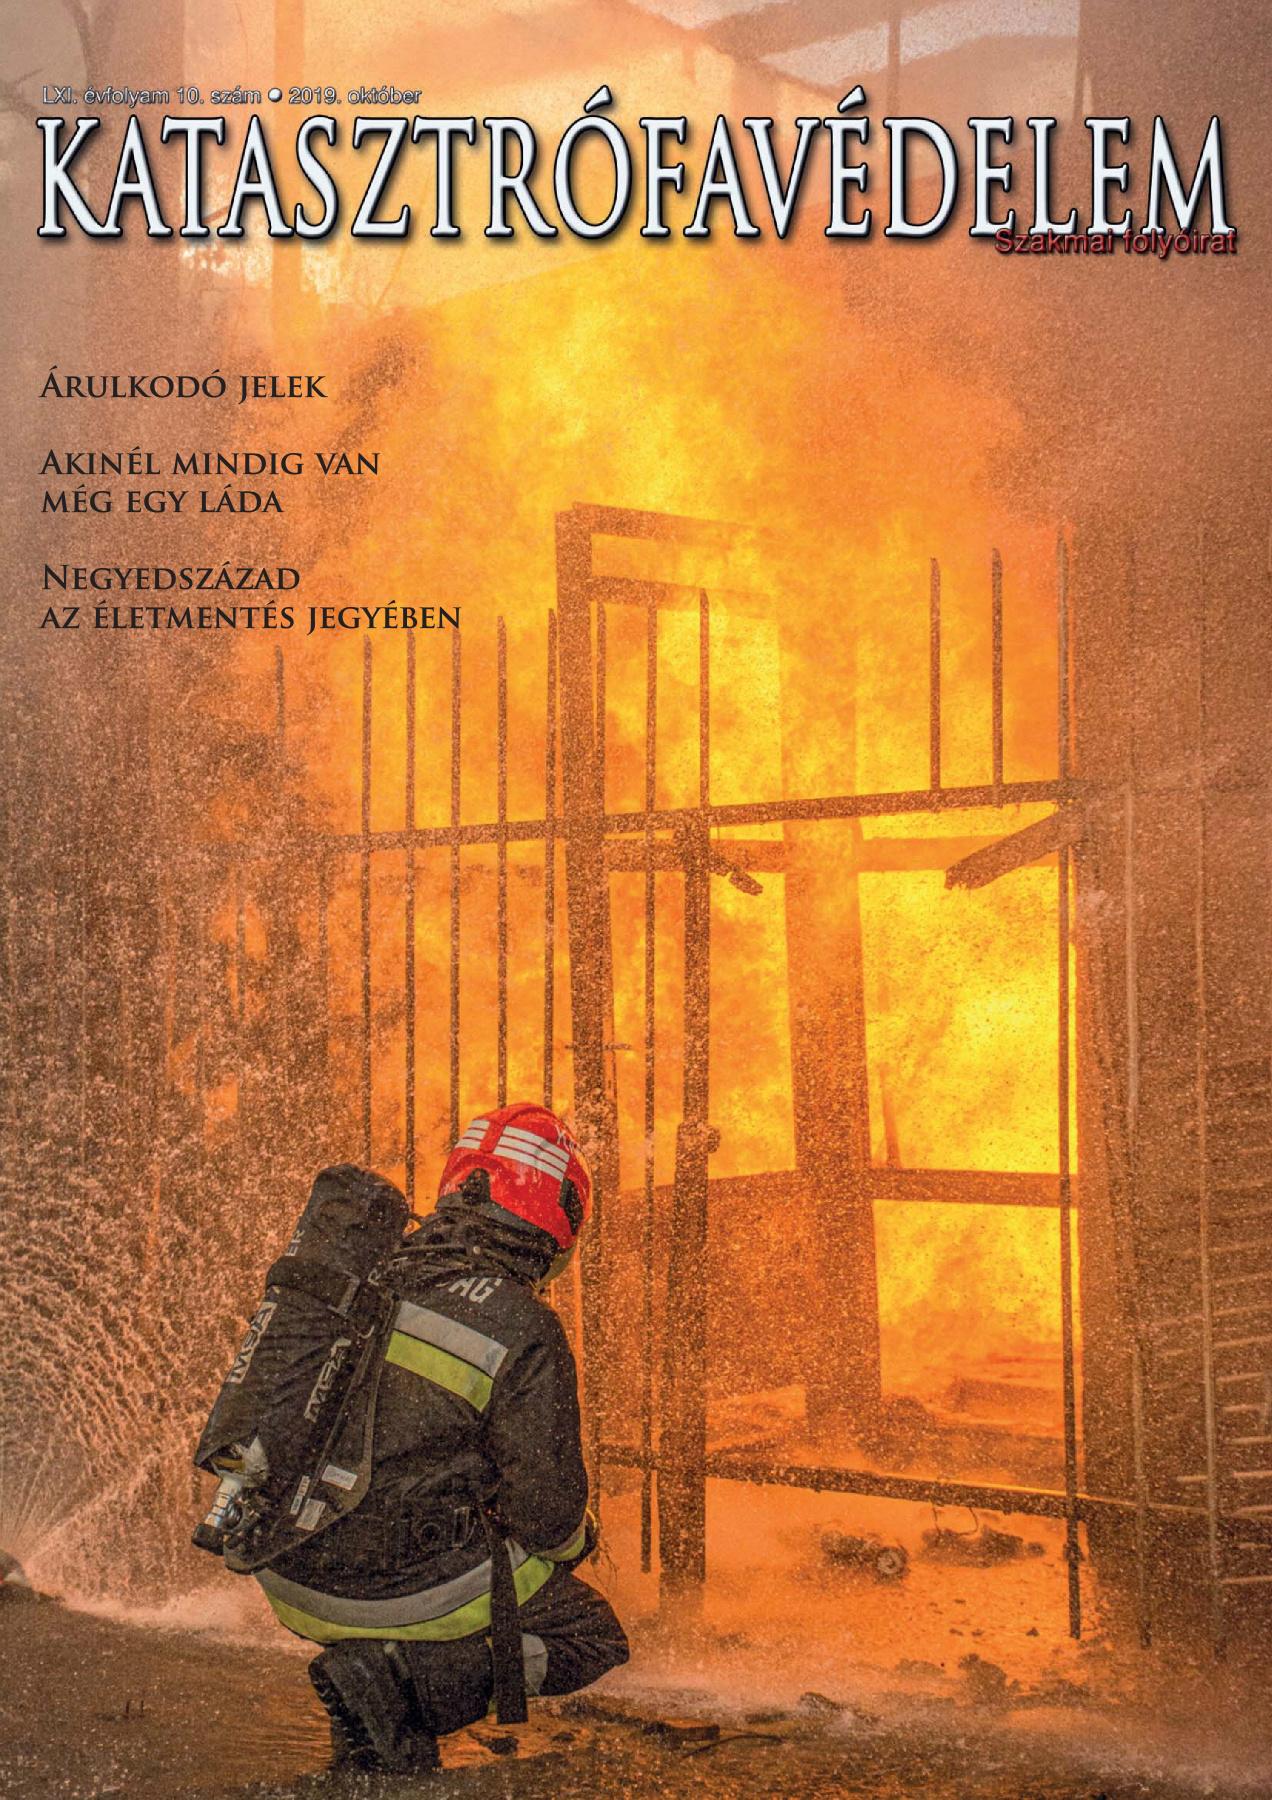 A Katasztrófavédelem magazin LXI. évfolyam 10. szám megtekintése